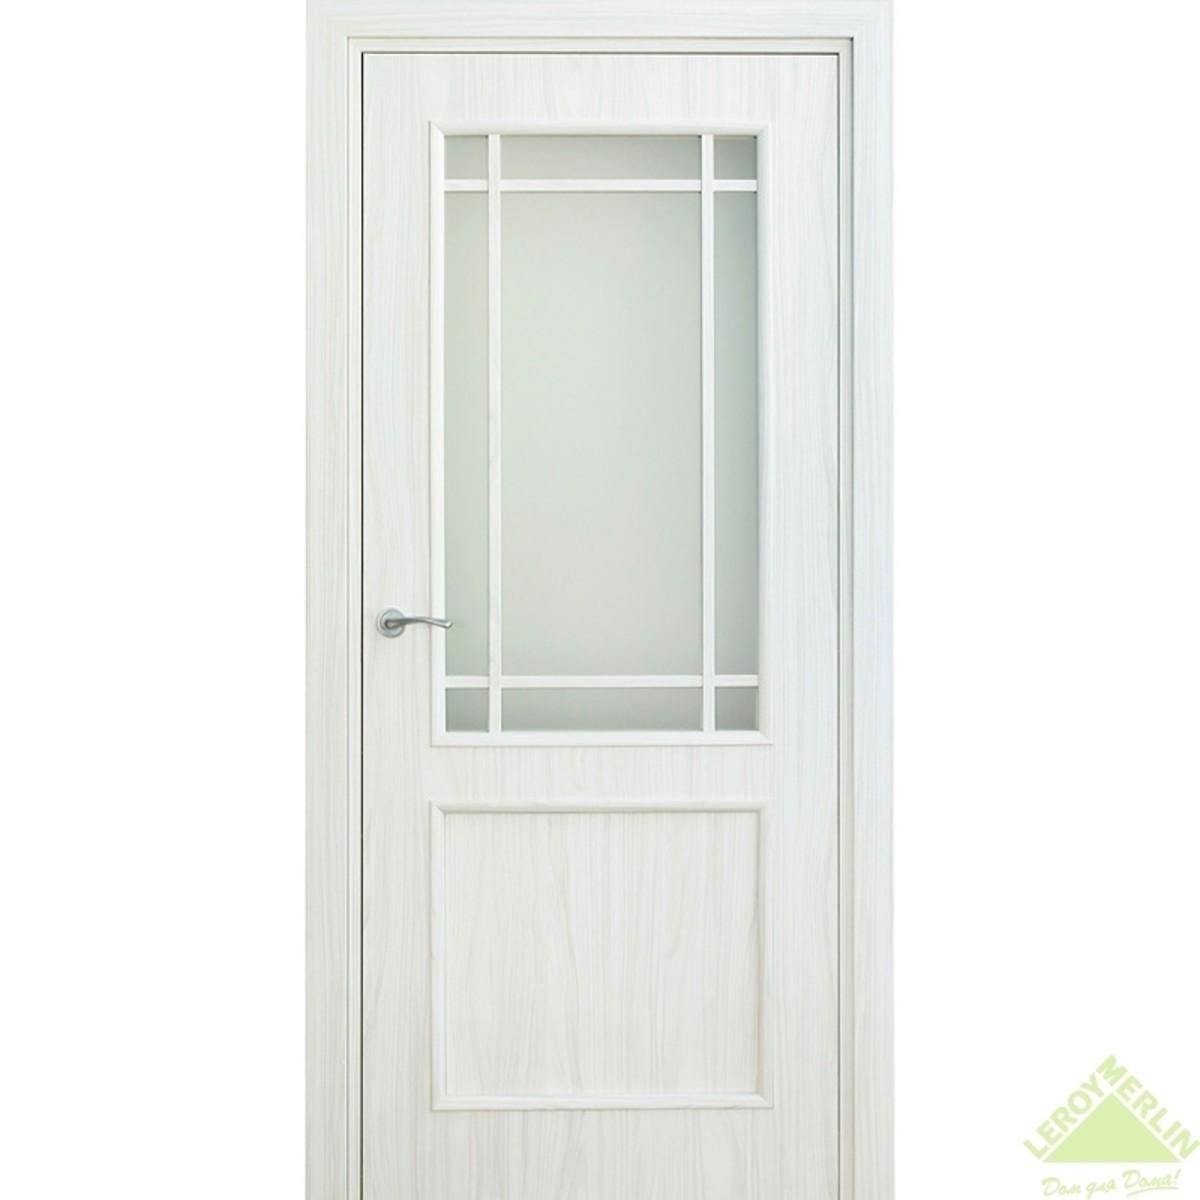 Дверь межкомнатная остеклённая Фортунато 819 700x2000 мм снежный палисандр